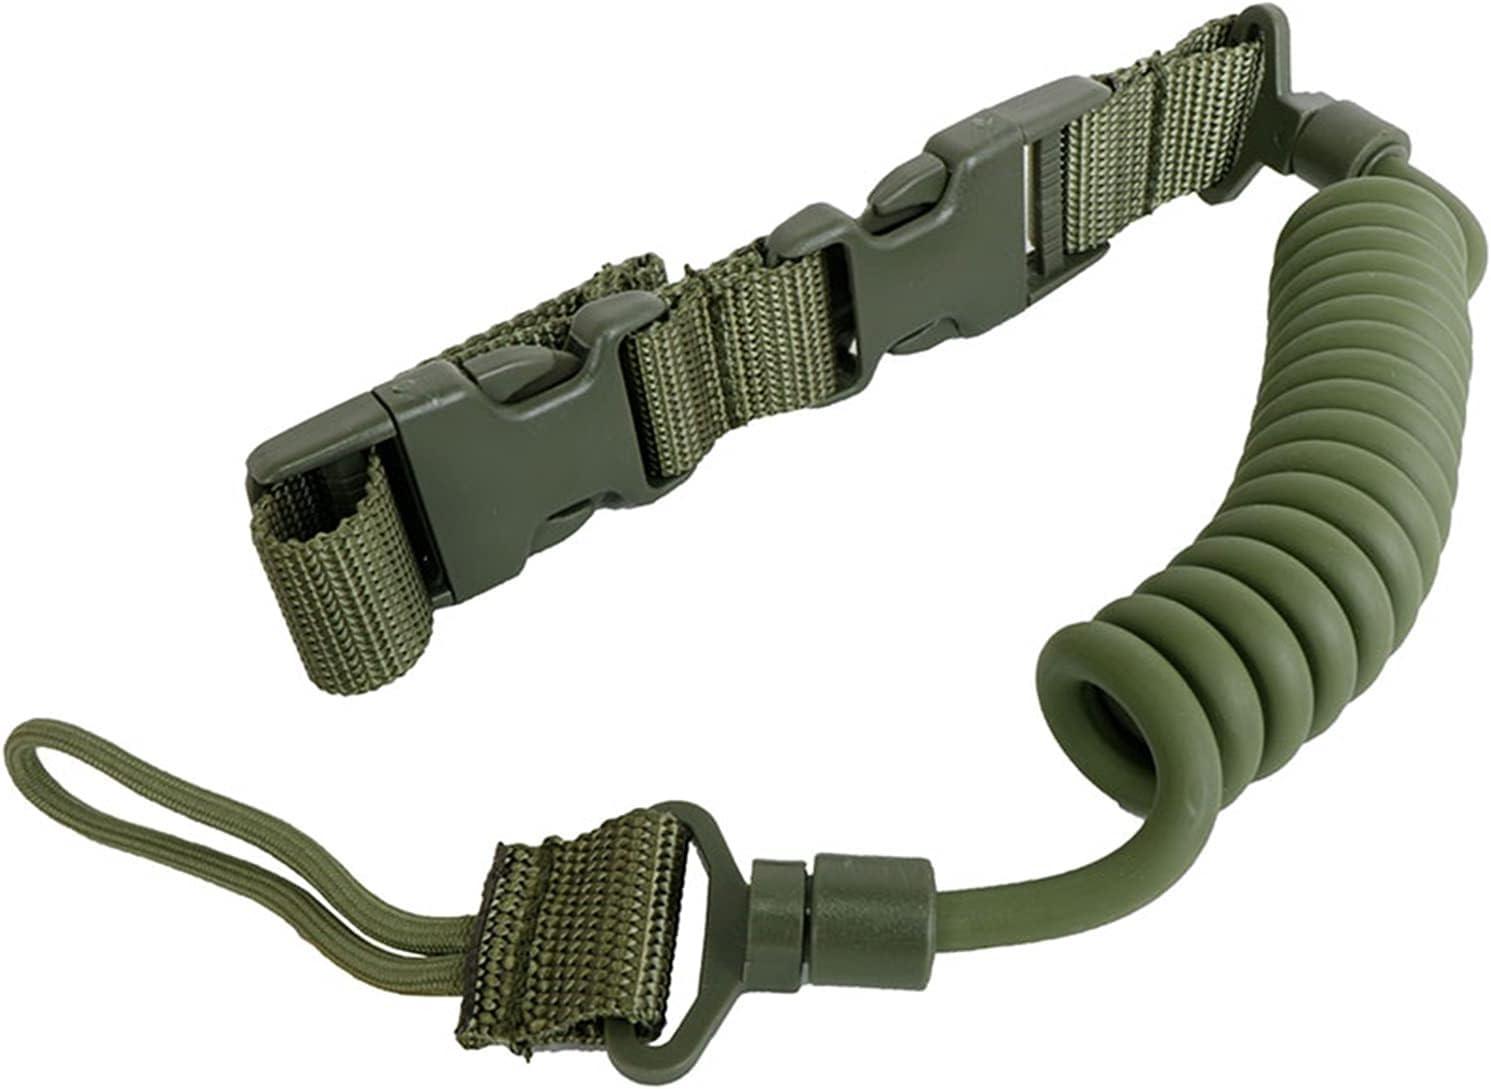 ZHANGAIGUO CCCZY Pistola telescópica Sling Bungee Airsoft Tactical Secure Lanyard Spring Pistol Hand Gun Sling Disparar Accesorios de Caza (Color : OD)